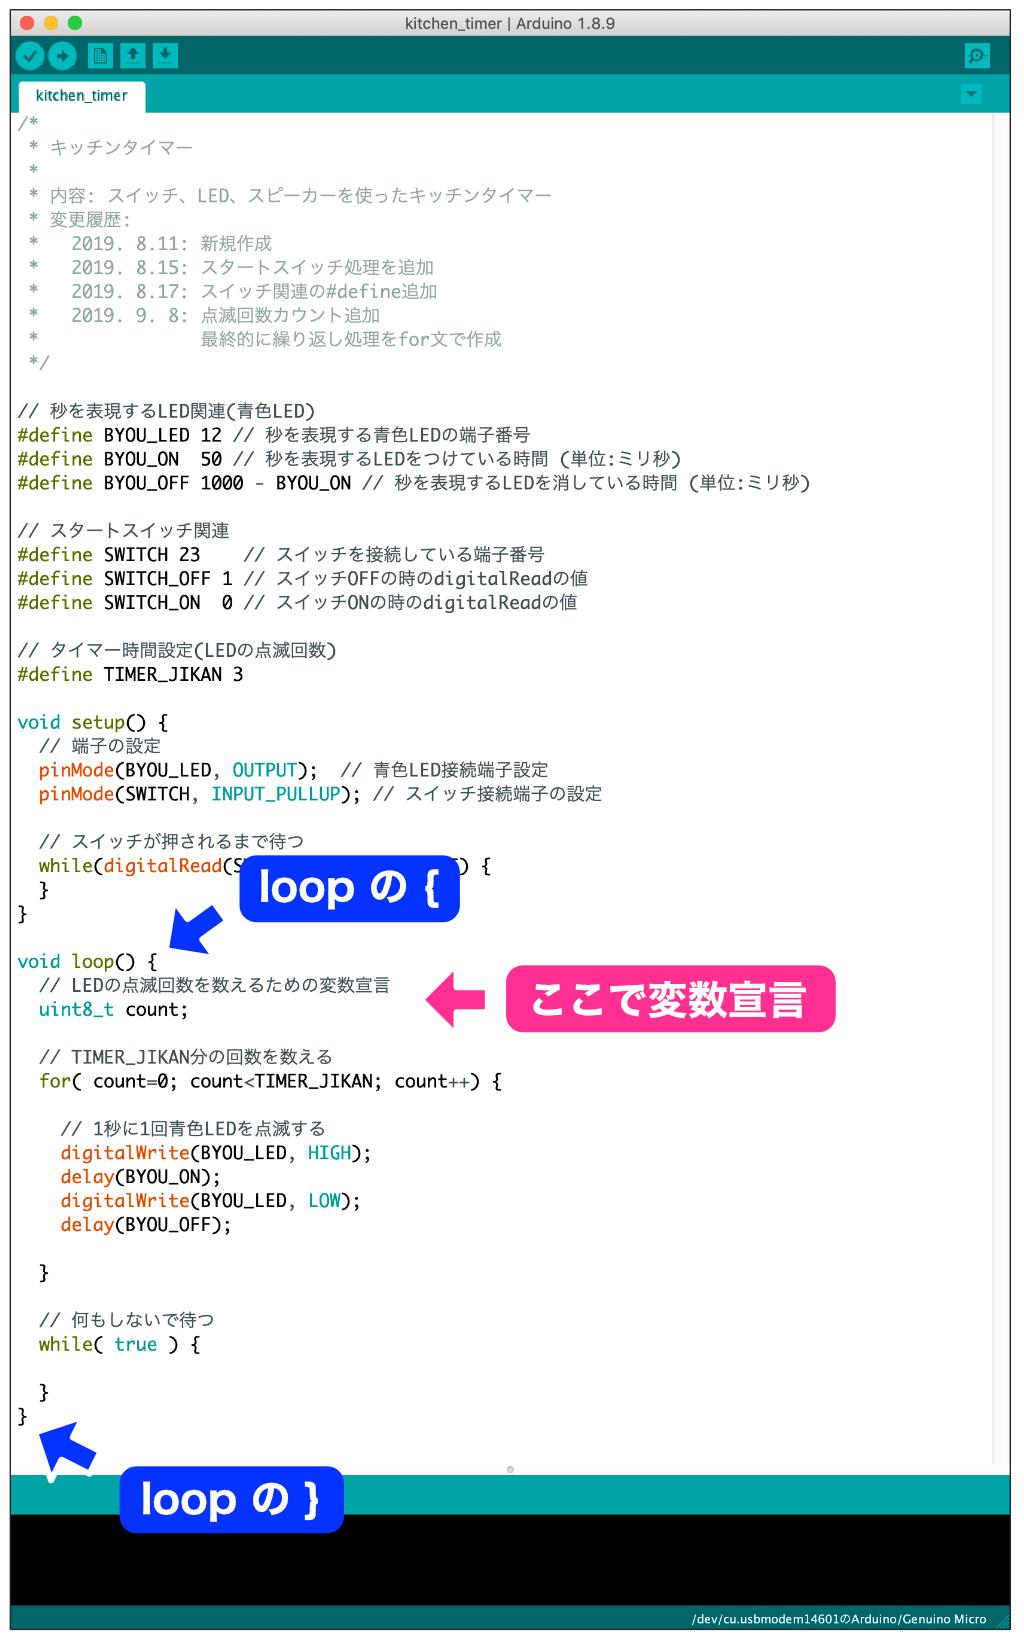 変数countの宣言位置